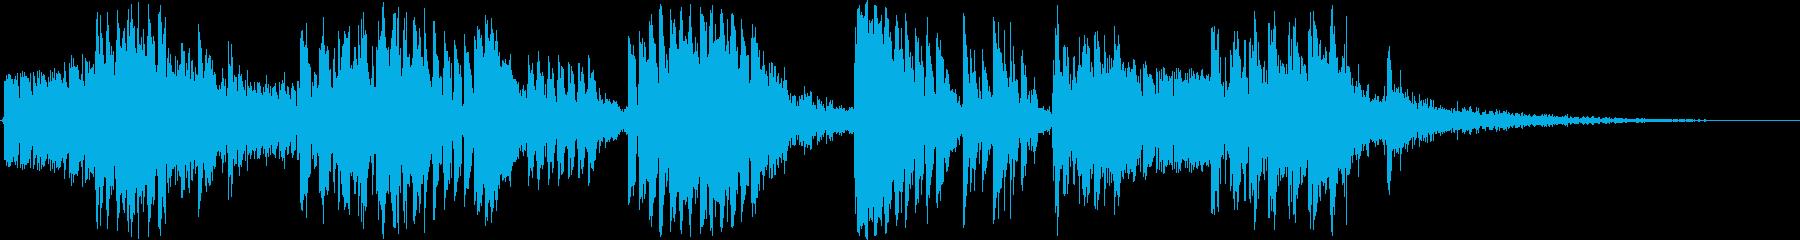 マシンガンバトル:ヘビーガンファイ...の再生済みの波形